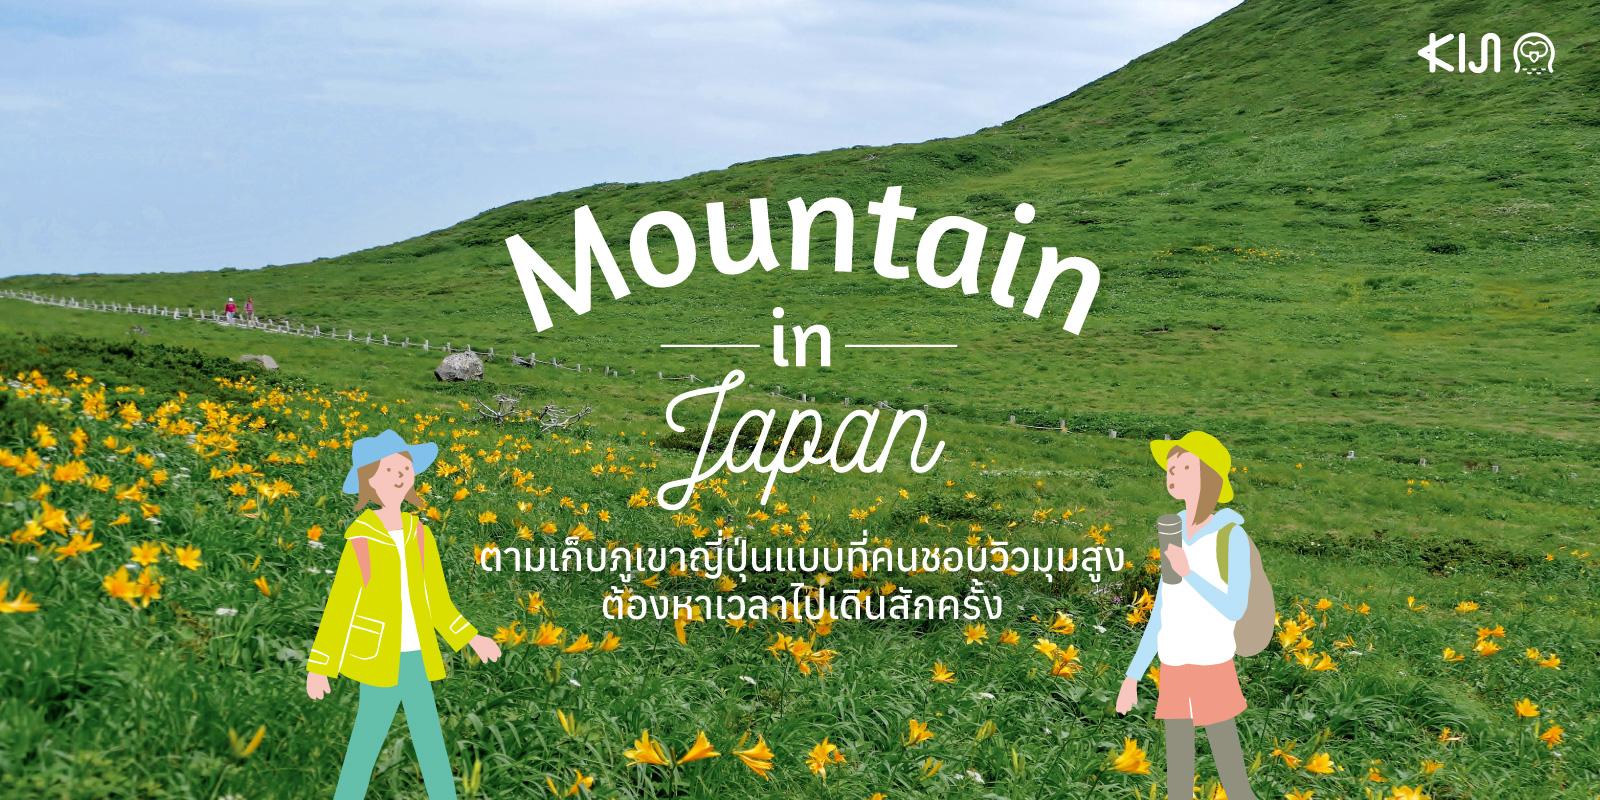 ภูเขา ญี่ปุ่น (Mountain in Japan)